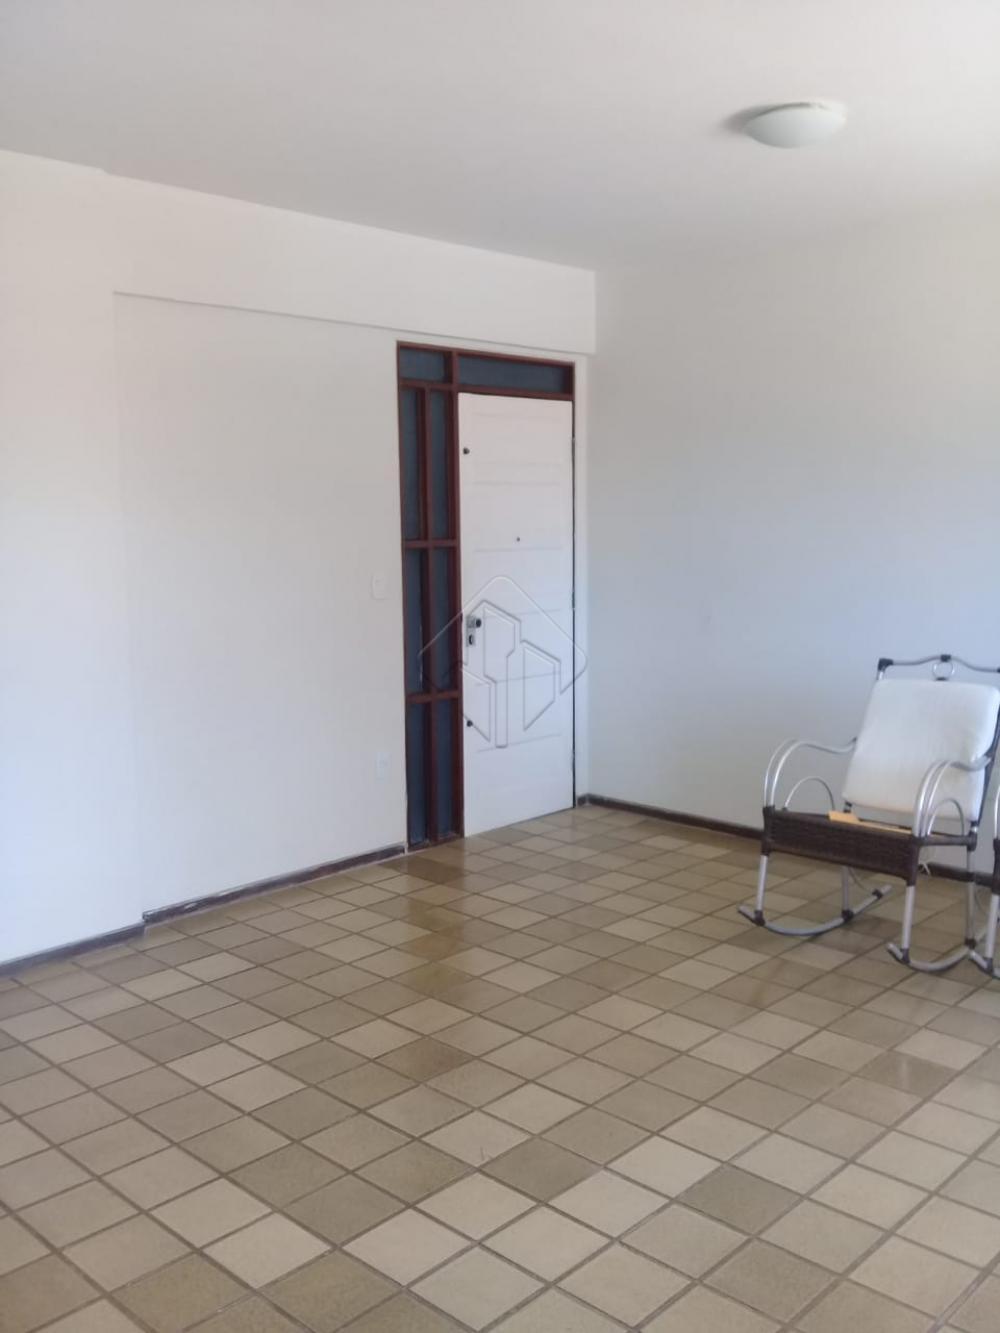 Comprar Apartamento / Padrão em João Pessoa apenas R$ 300.000,00 - Foto 78